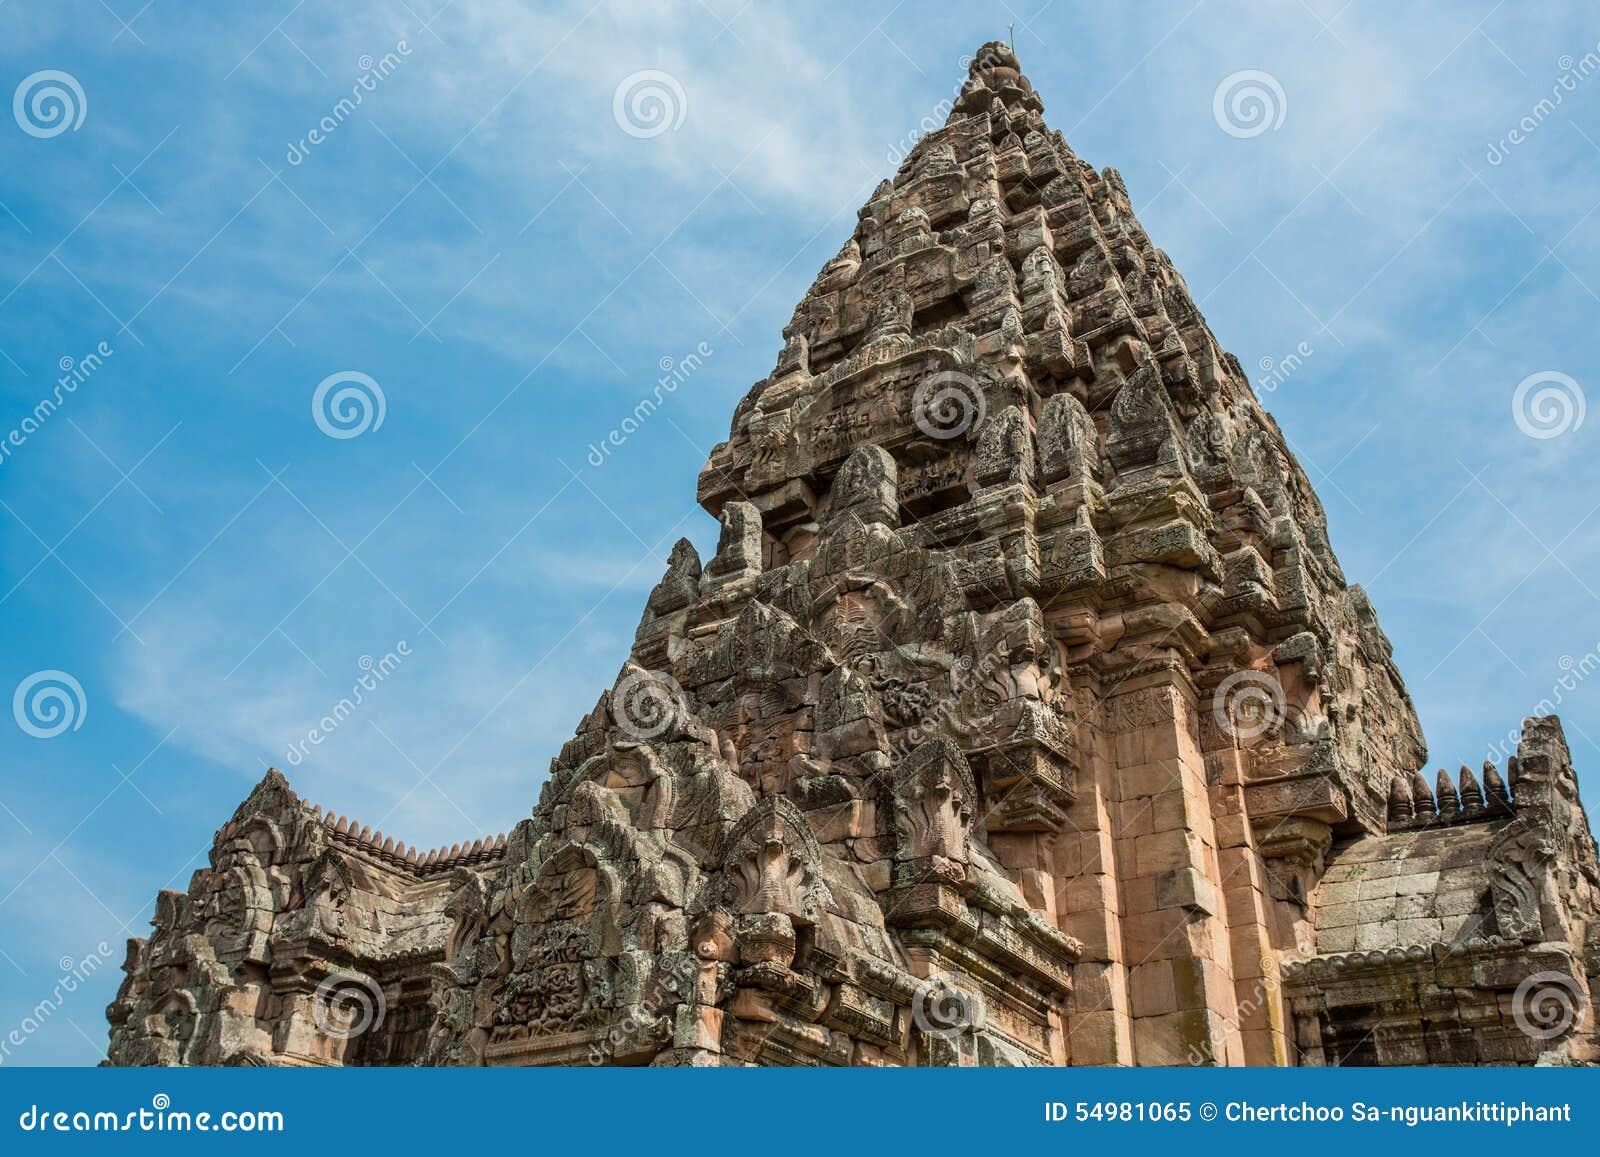 Ιστορικό πάρκο βαθμίδων Phanom Prasat